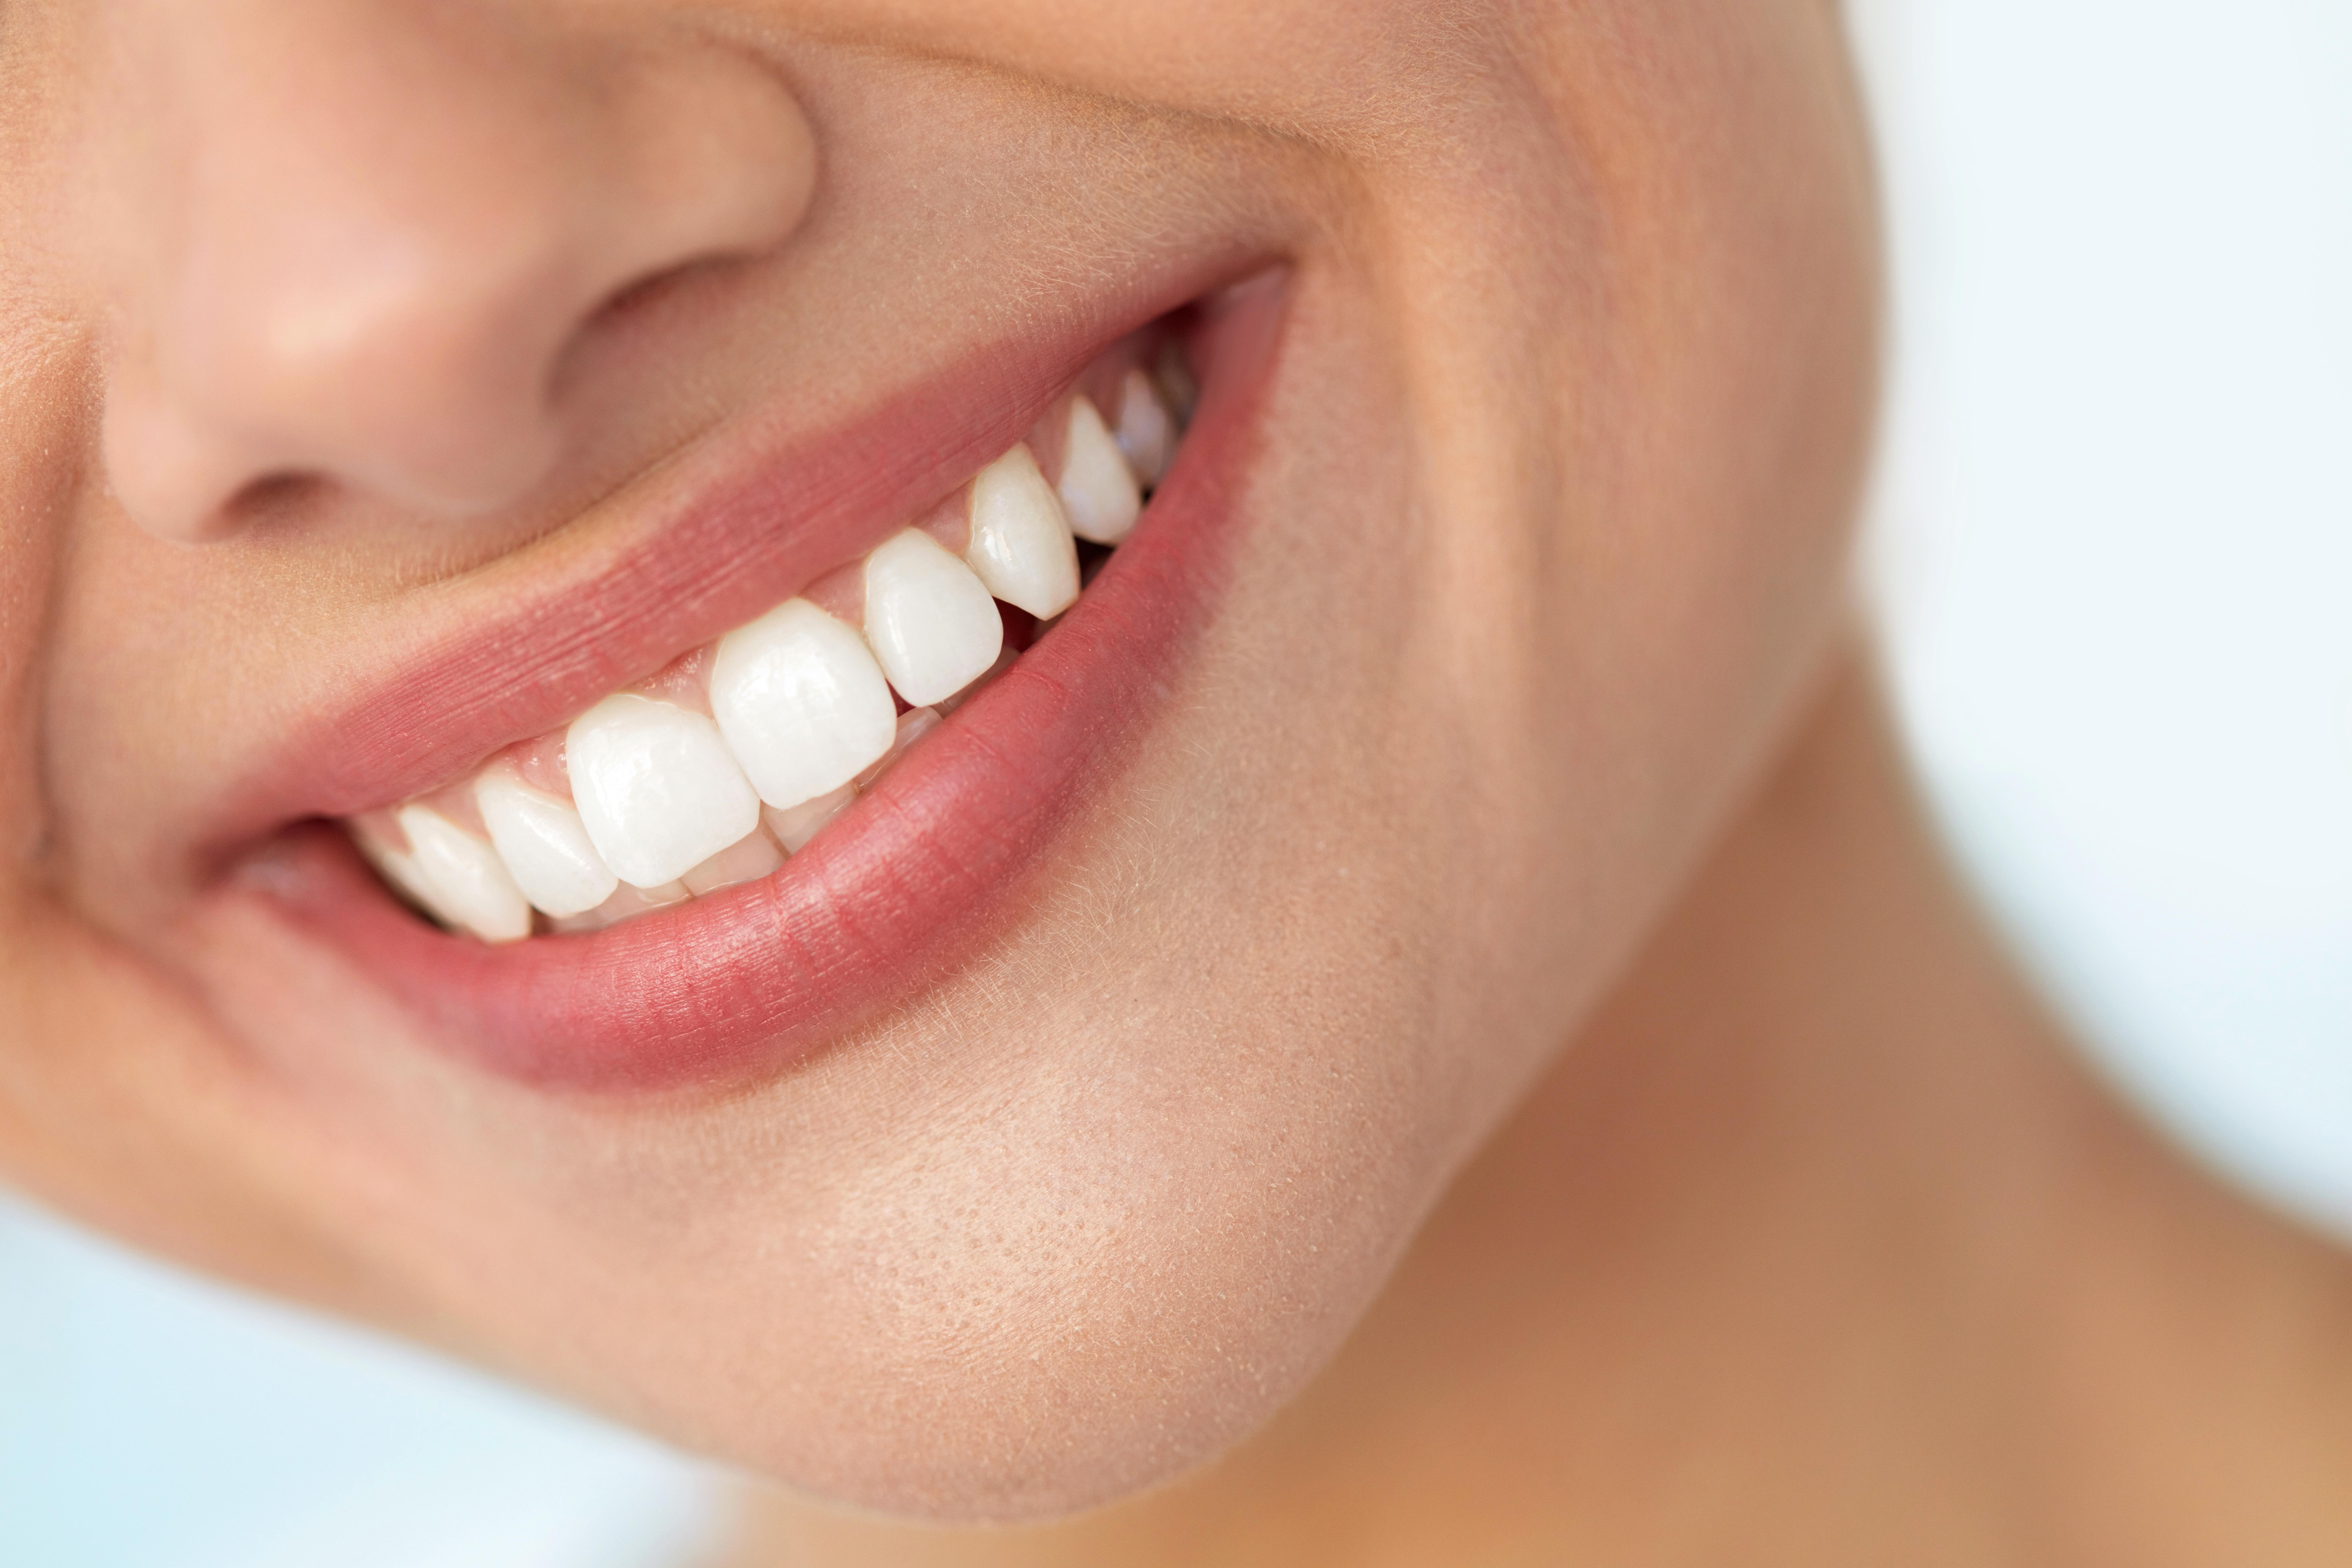 Премахнете пукнатините в зъбите и дефектите с фотополимерна фасета /бондинг/ в Дентална клиника Персенк! - Снимка 2